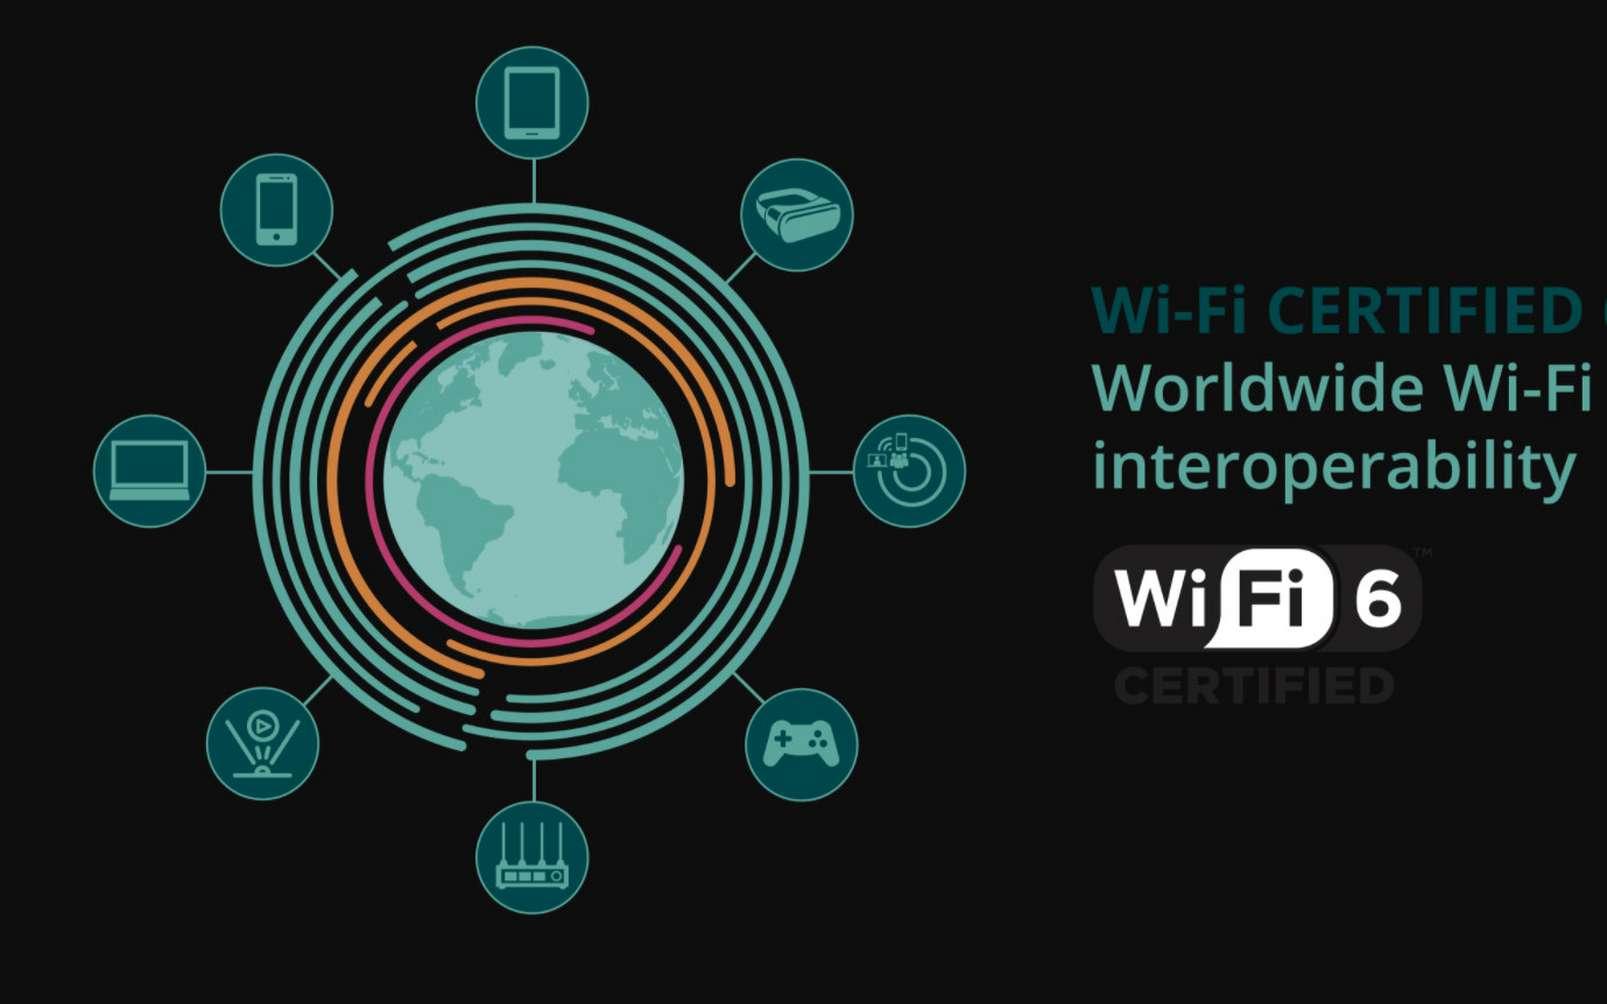 La certification Wi-Fi Alliance permet de garantir aux utilisateurs une expérience sécurisée, fiable et interopérable avec les appareils Wi-Fi 6E. © Wi-Fi Alliance